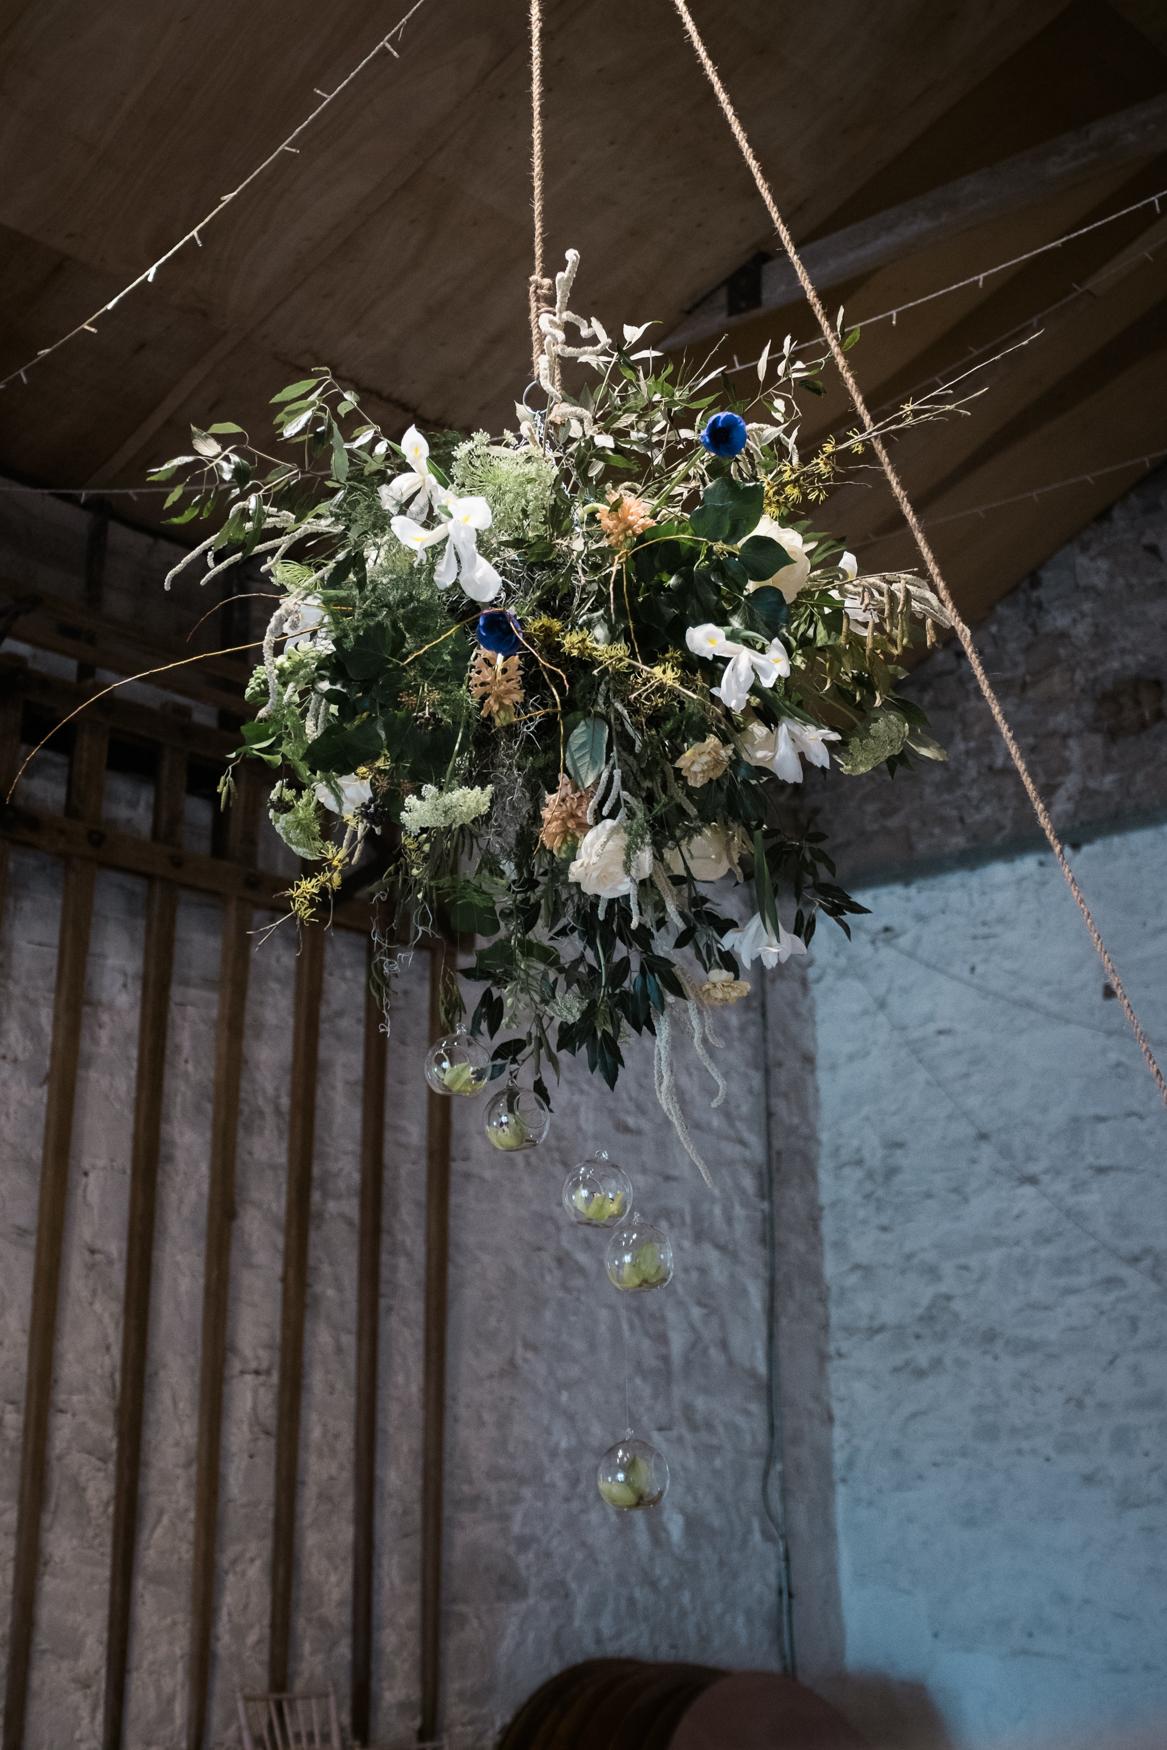 Alex-Sedgmond-Photography-Cardiff-Wales-Forbesfield-Florist-Cardiff-Rosedew-Farm-Flower-School-FFS-95.JPG